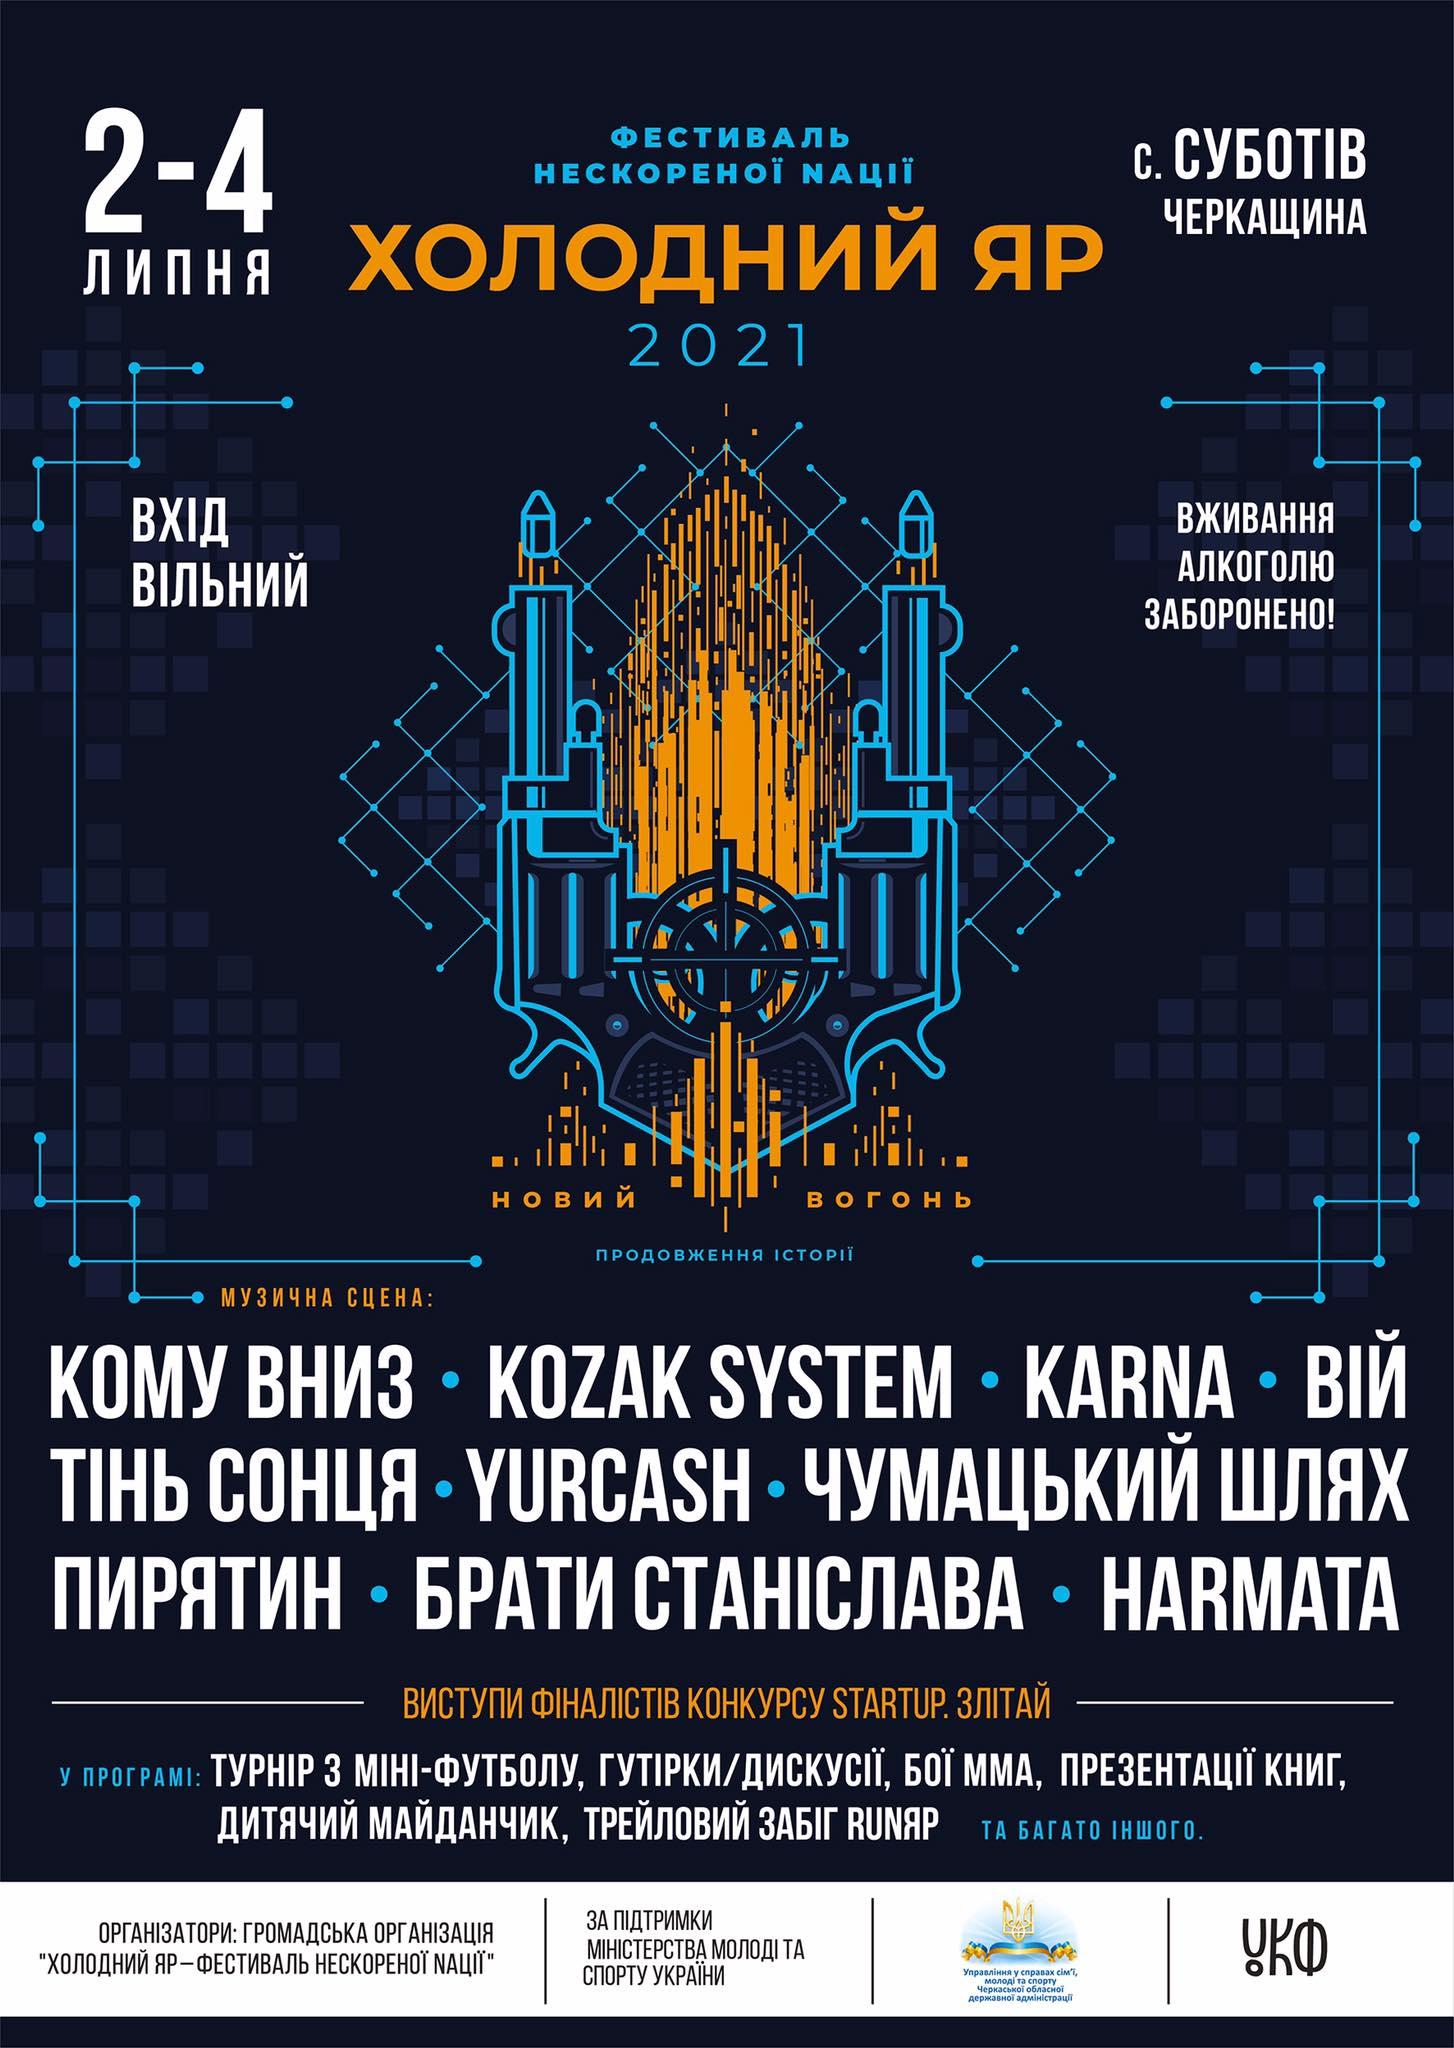 Фестиваль нескореної Nації Холодний Яр 2021